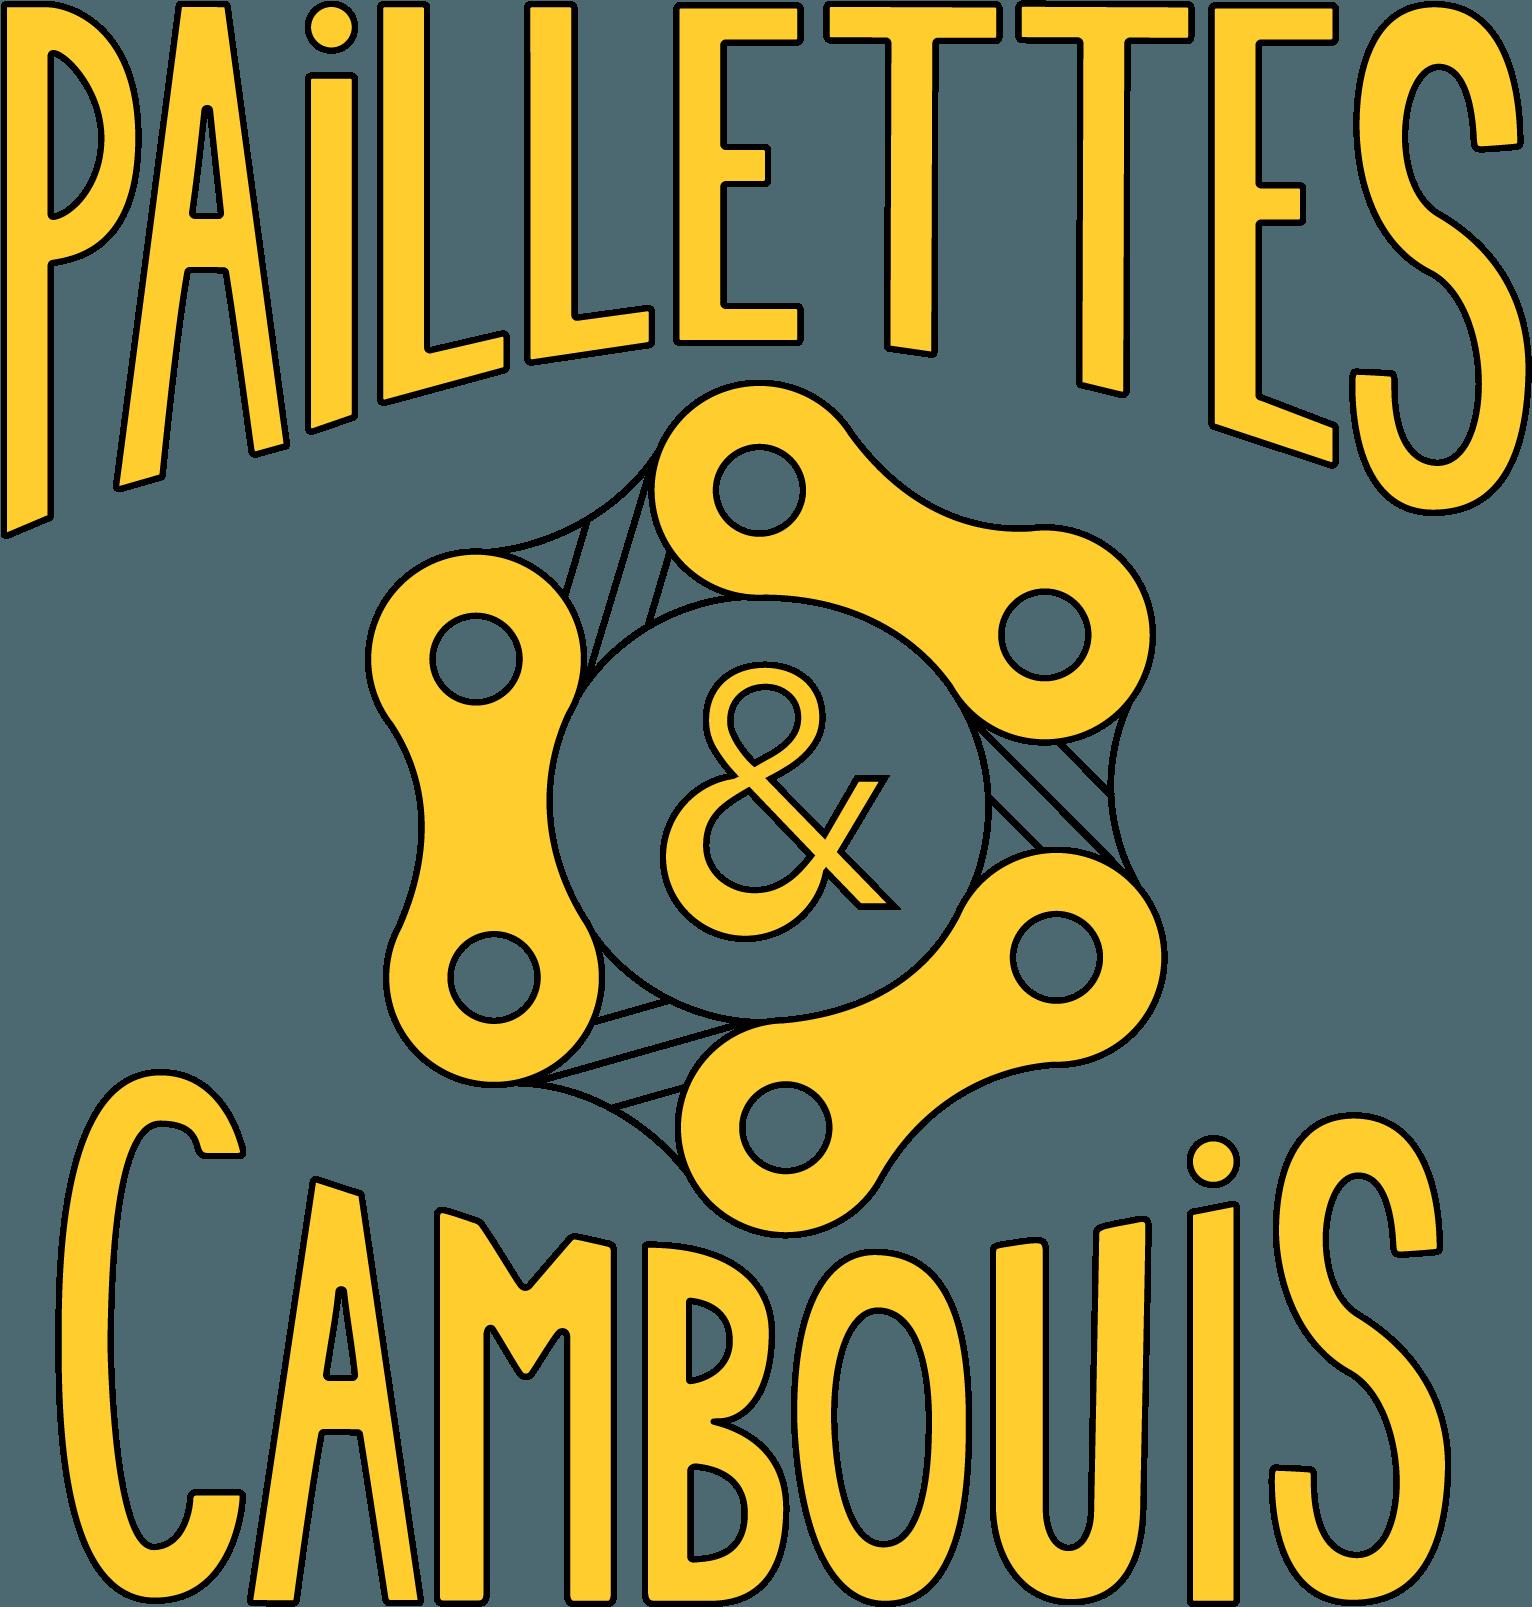 Paillettes & Cambouis